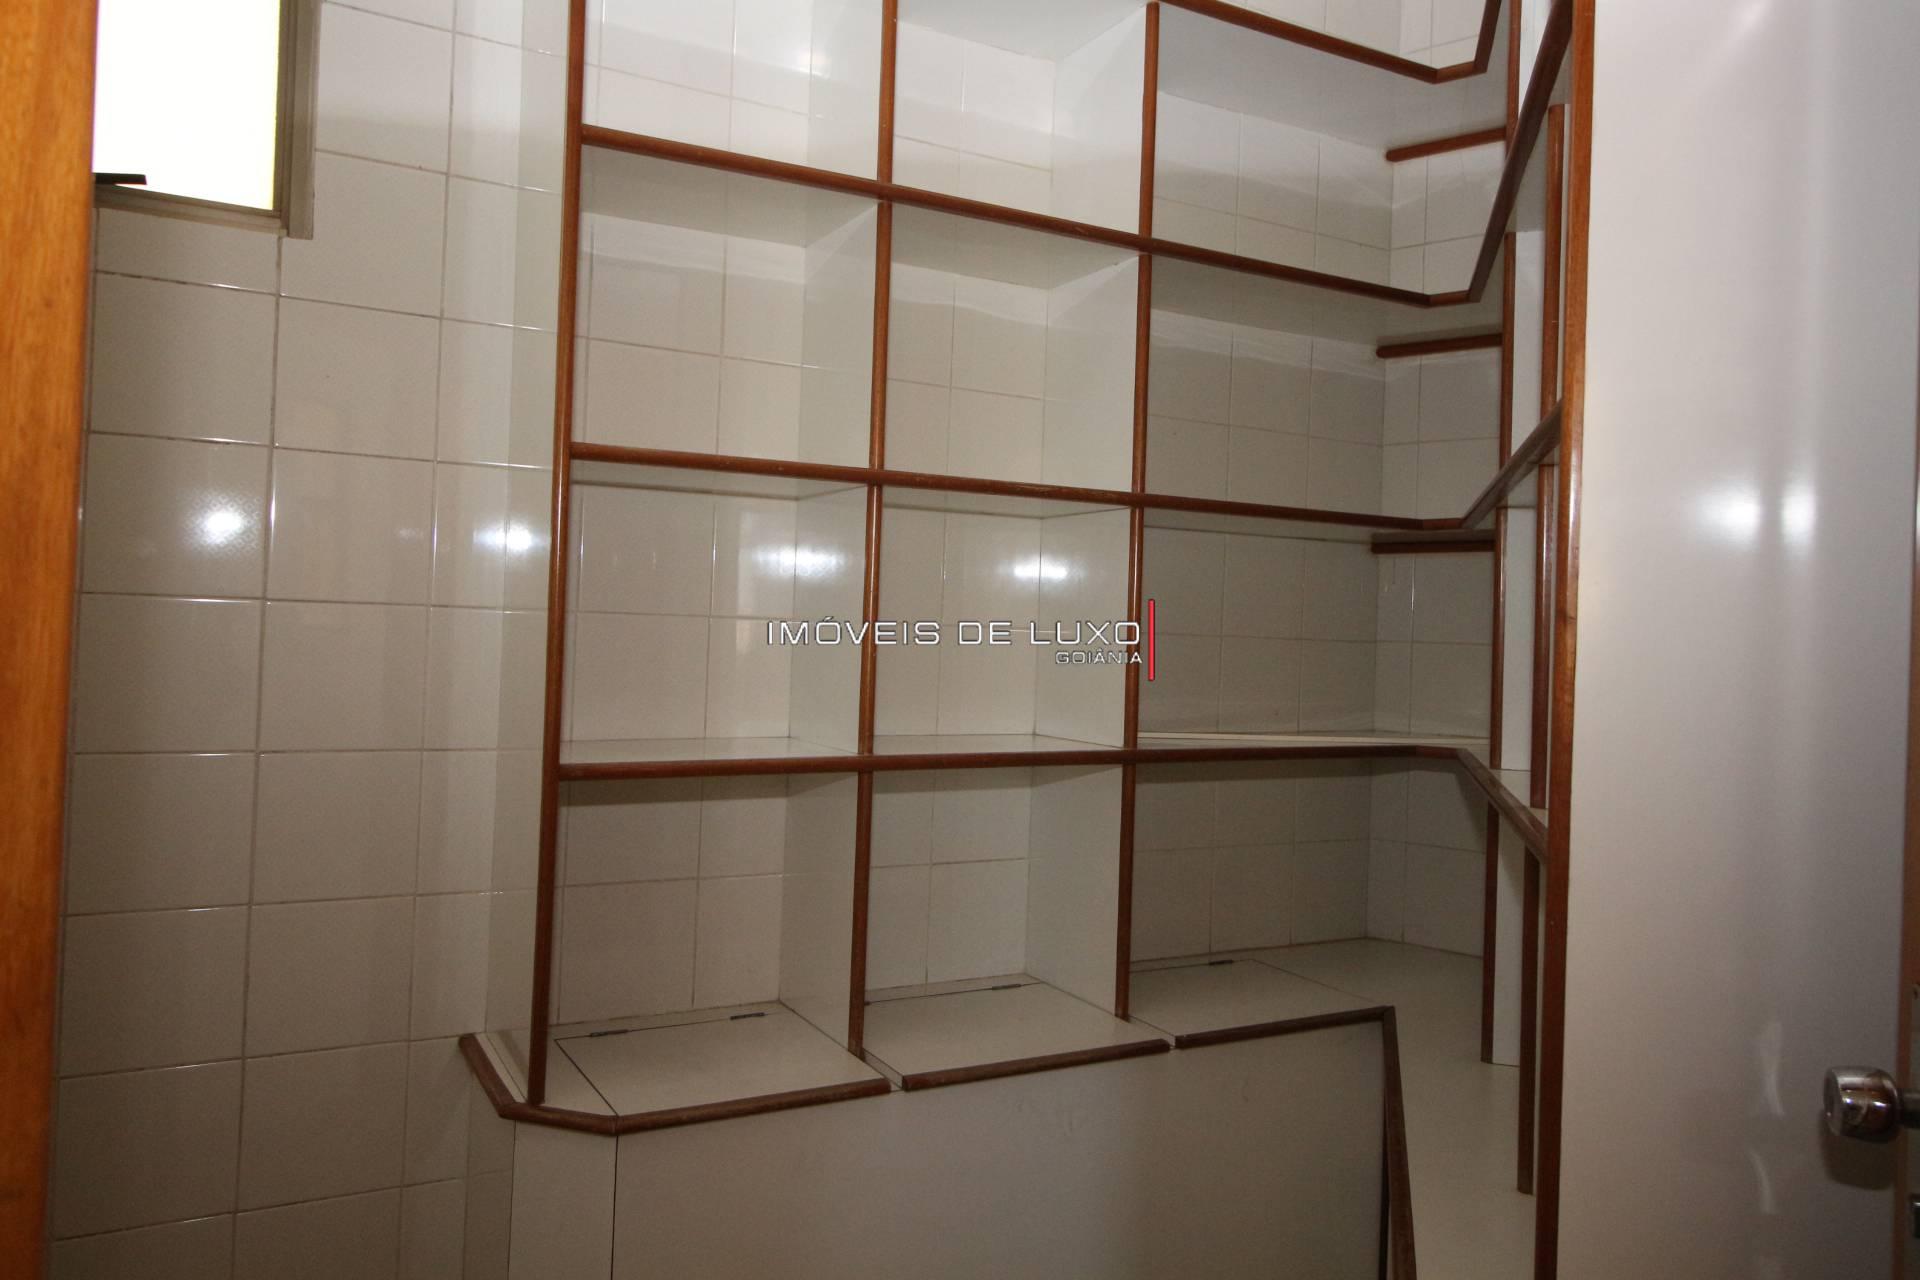 Imóveis de Luxo - Apartamento com 459m2 no Setor Bueno